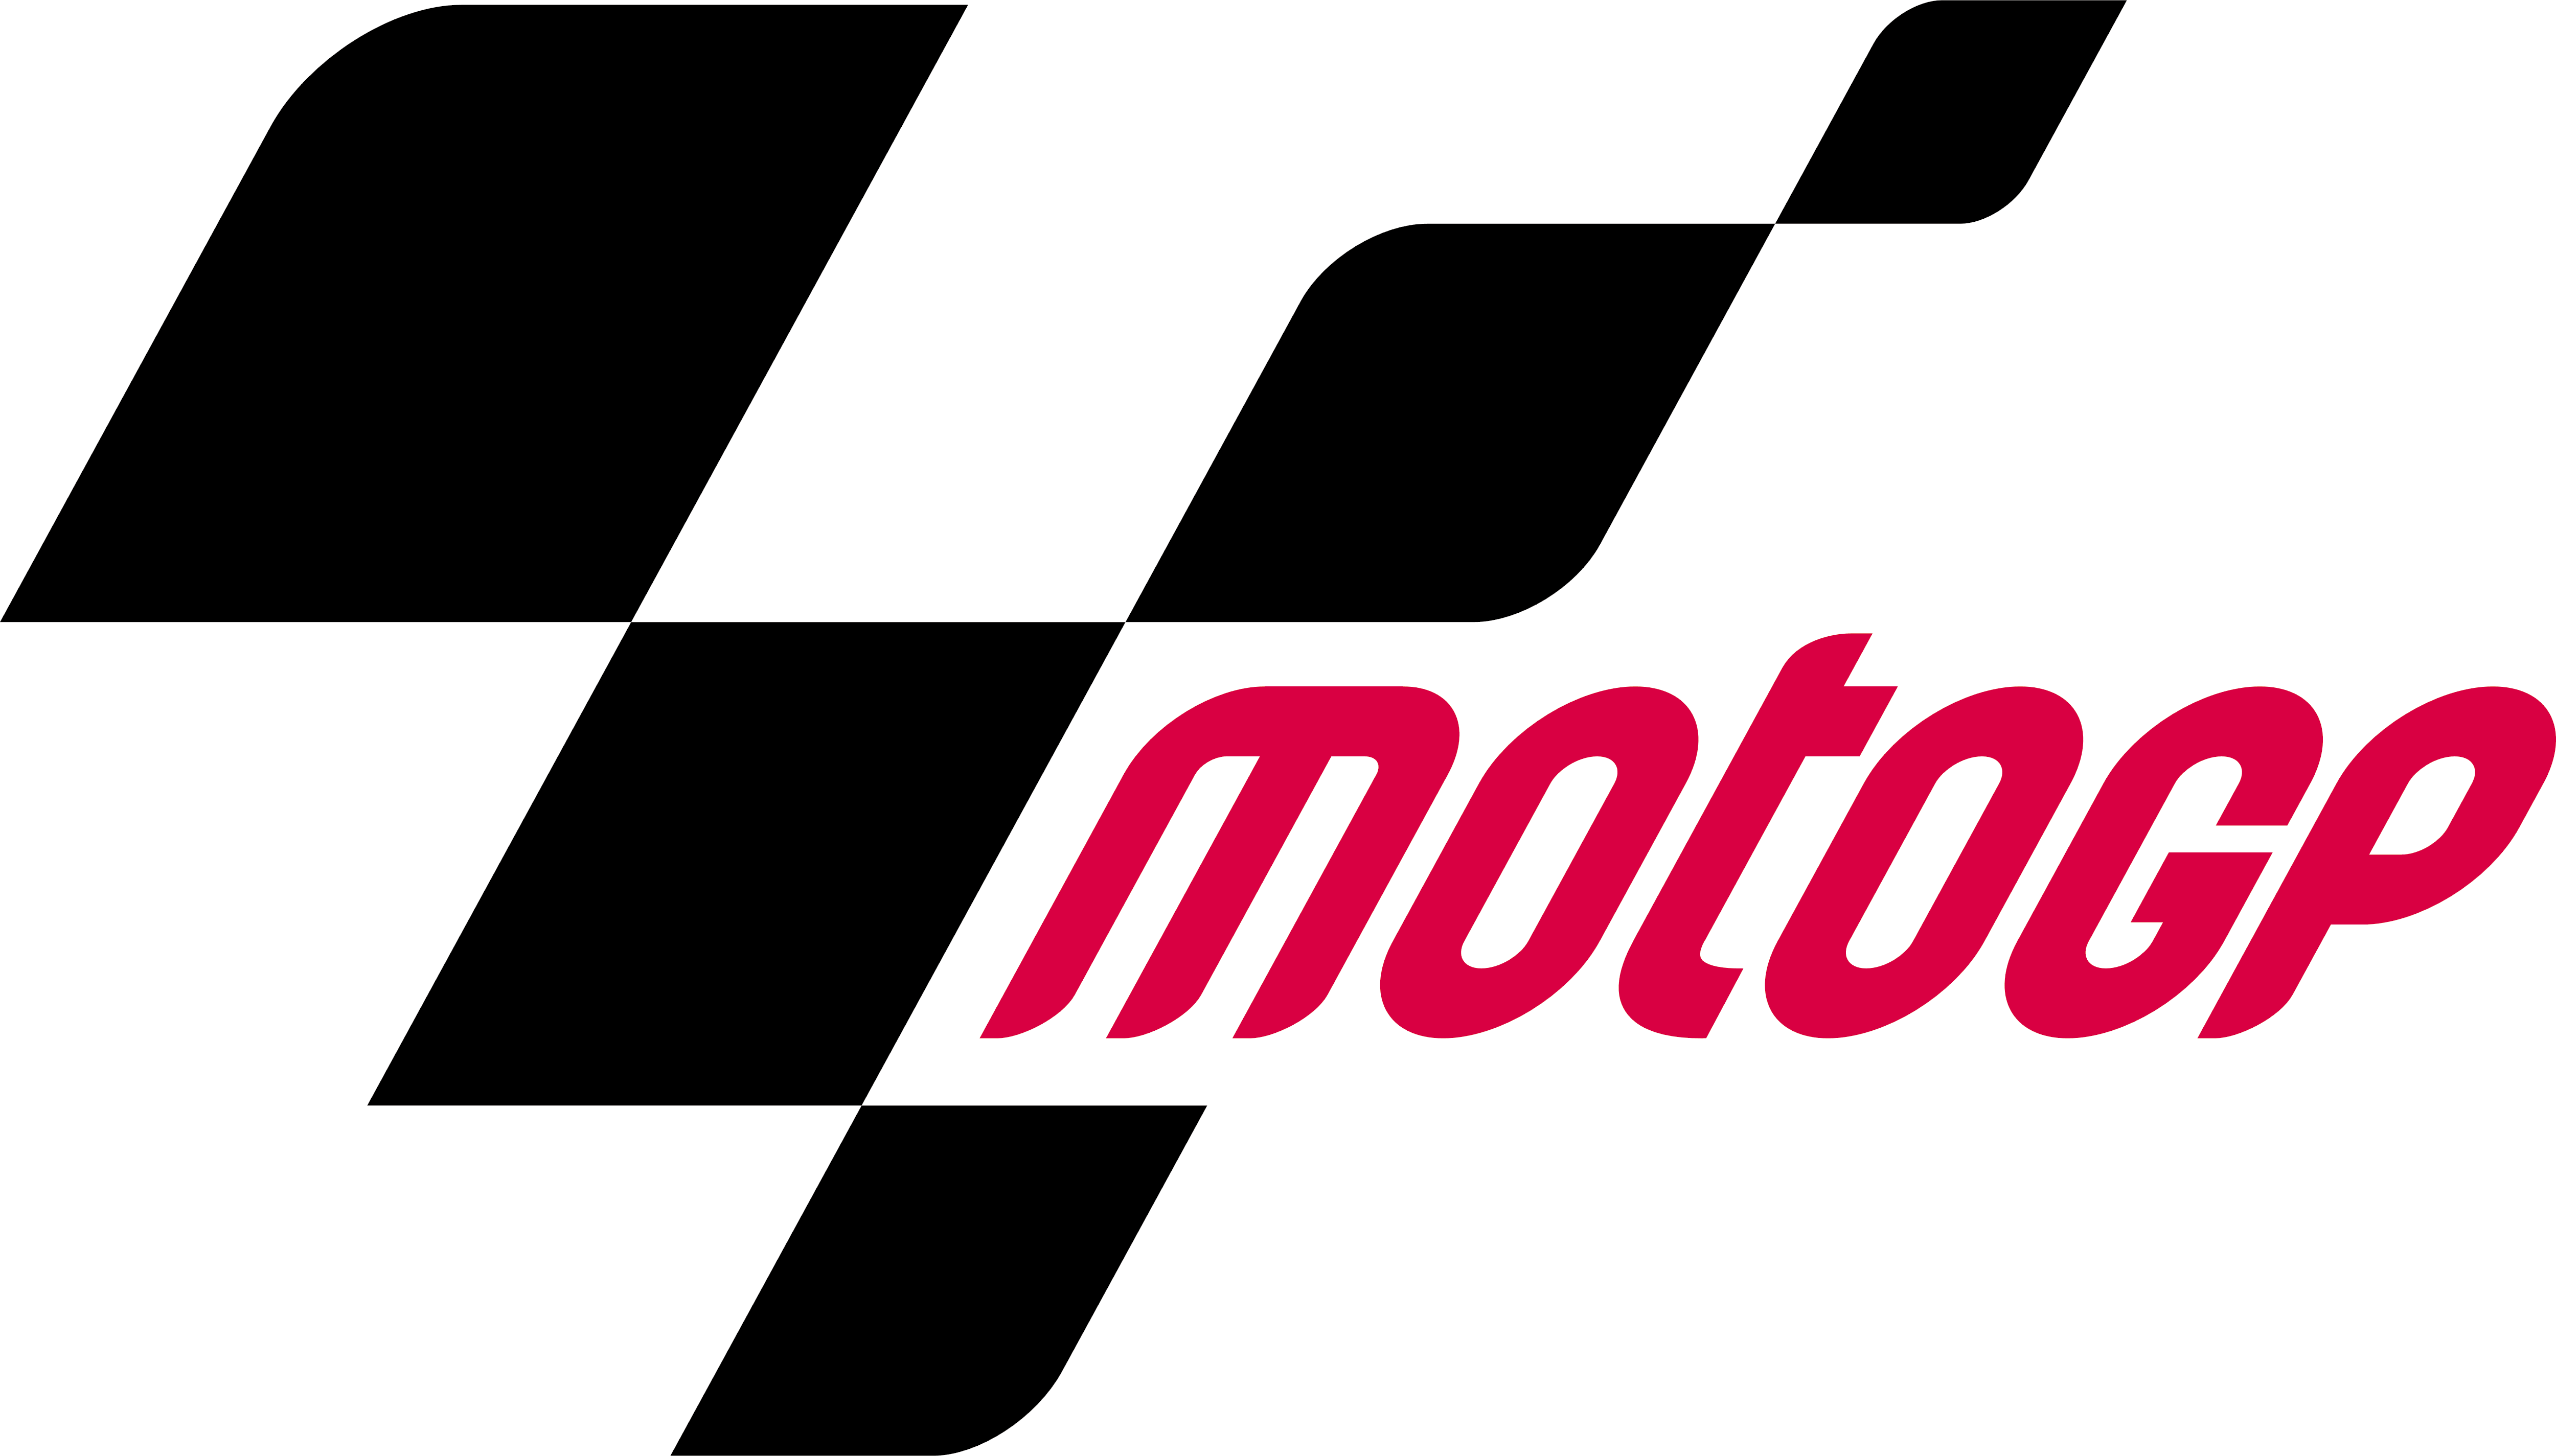 Moto GP – Logos Download